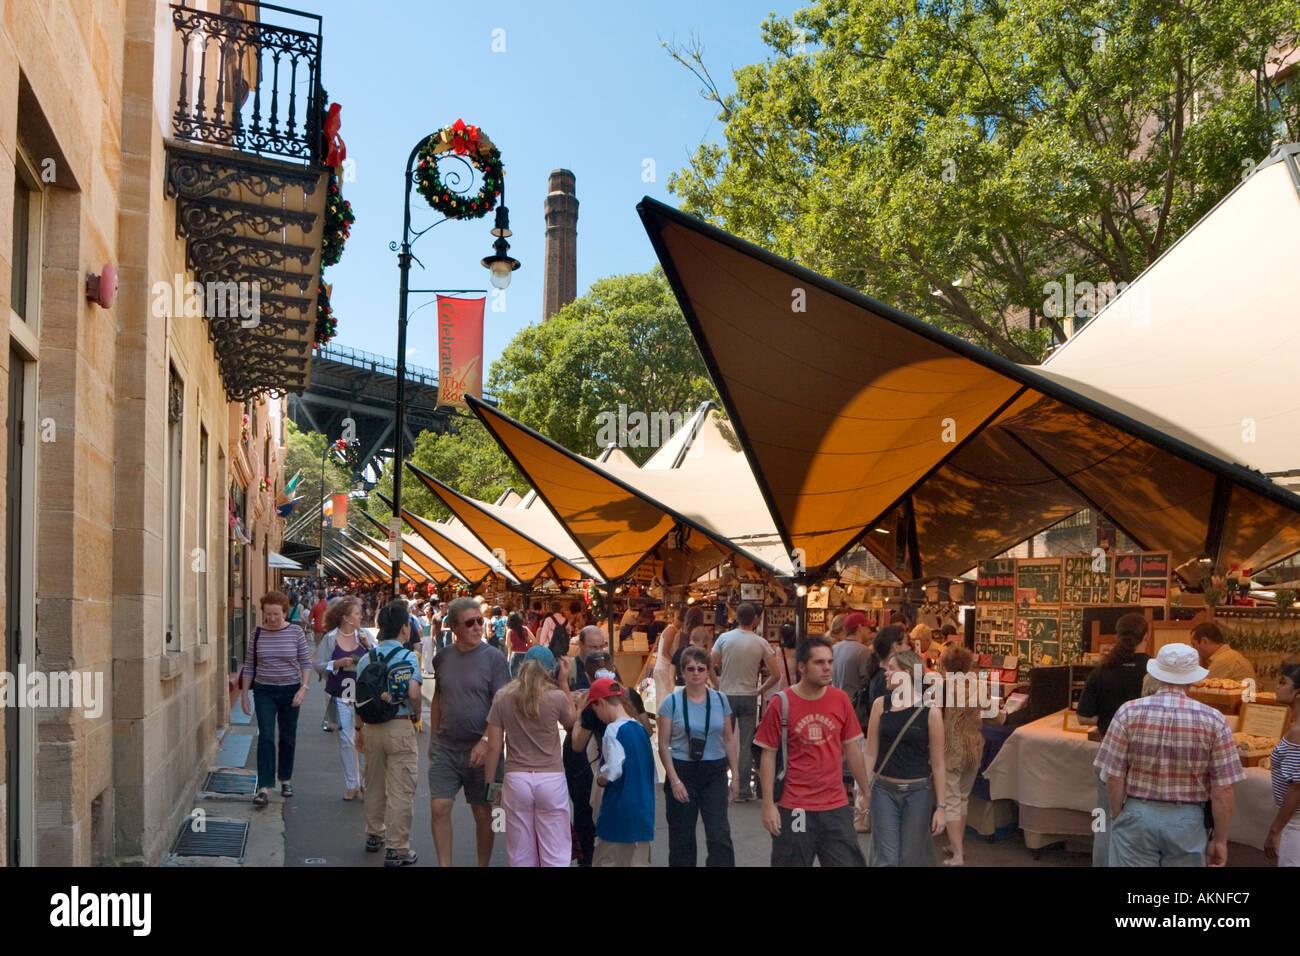 Marché le dimanche sur George Street, The Rocks, Sydney, New South Wales, Australia Photo Stock